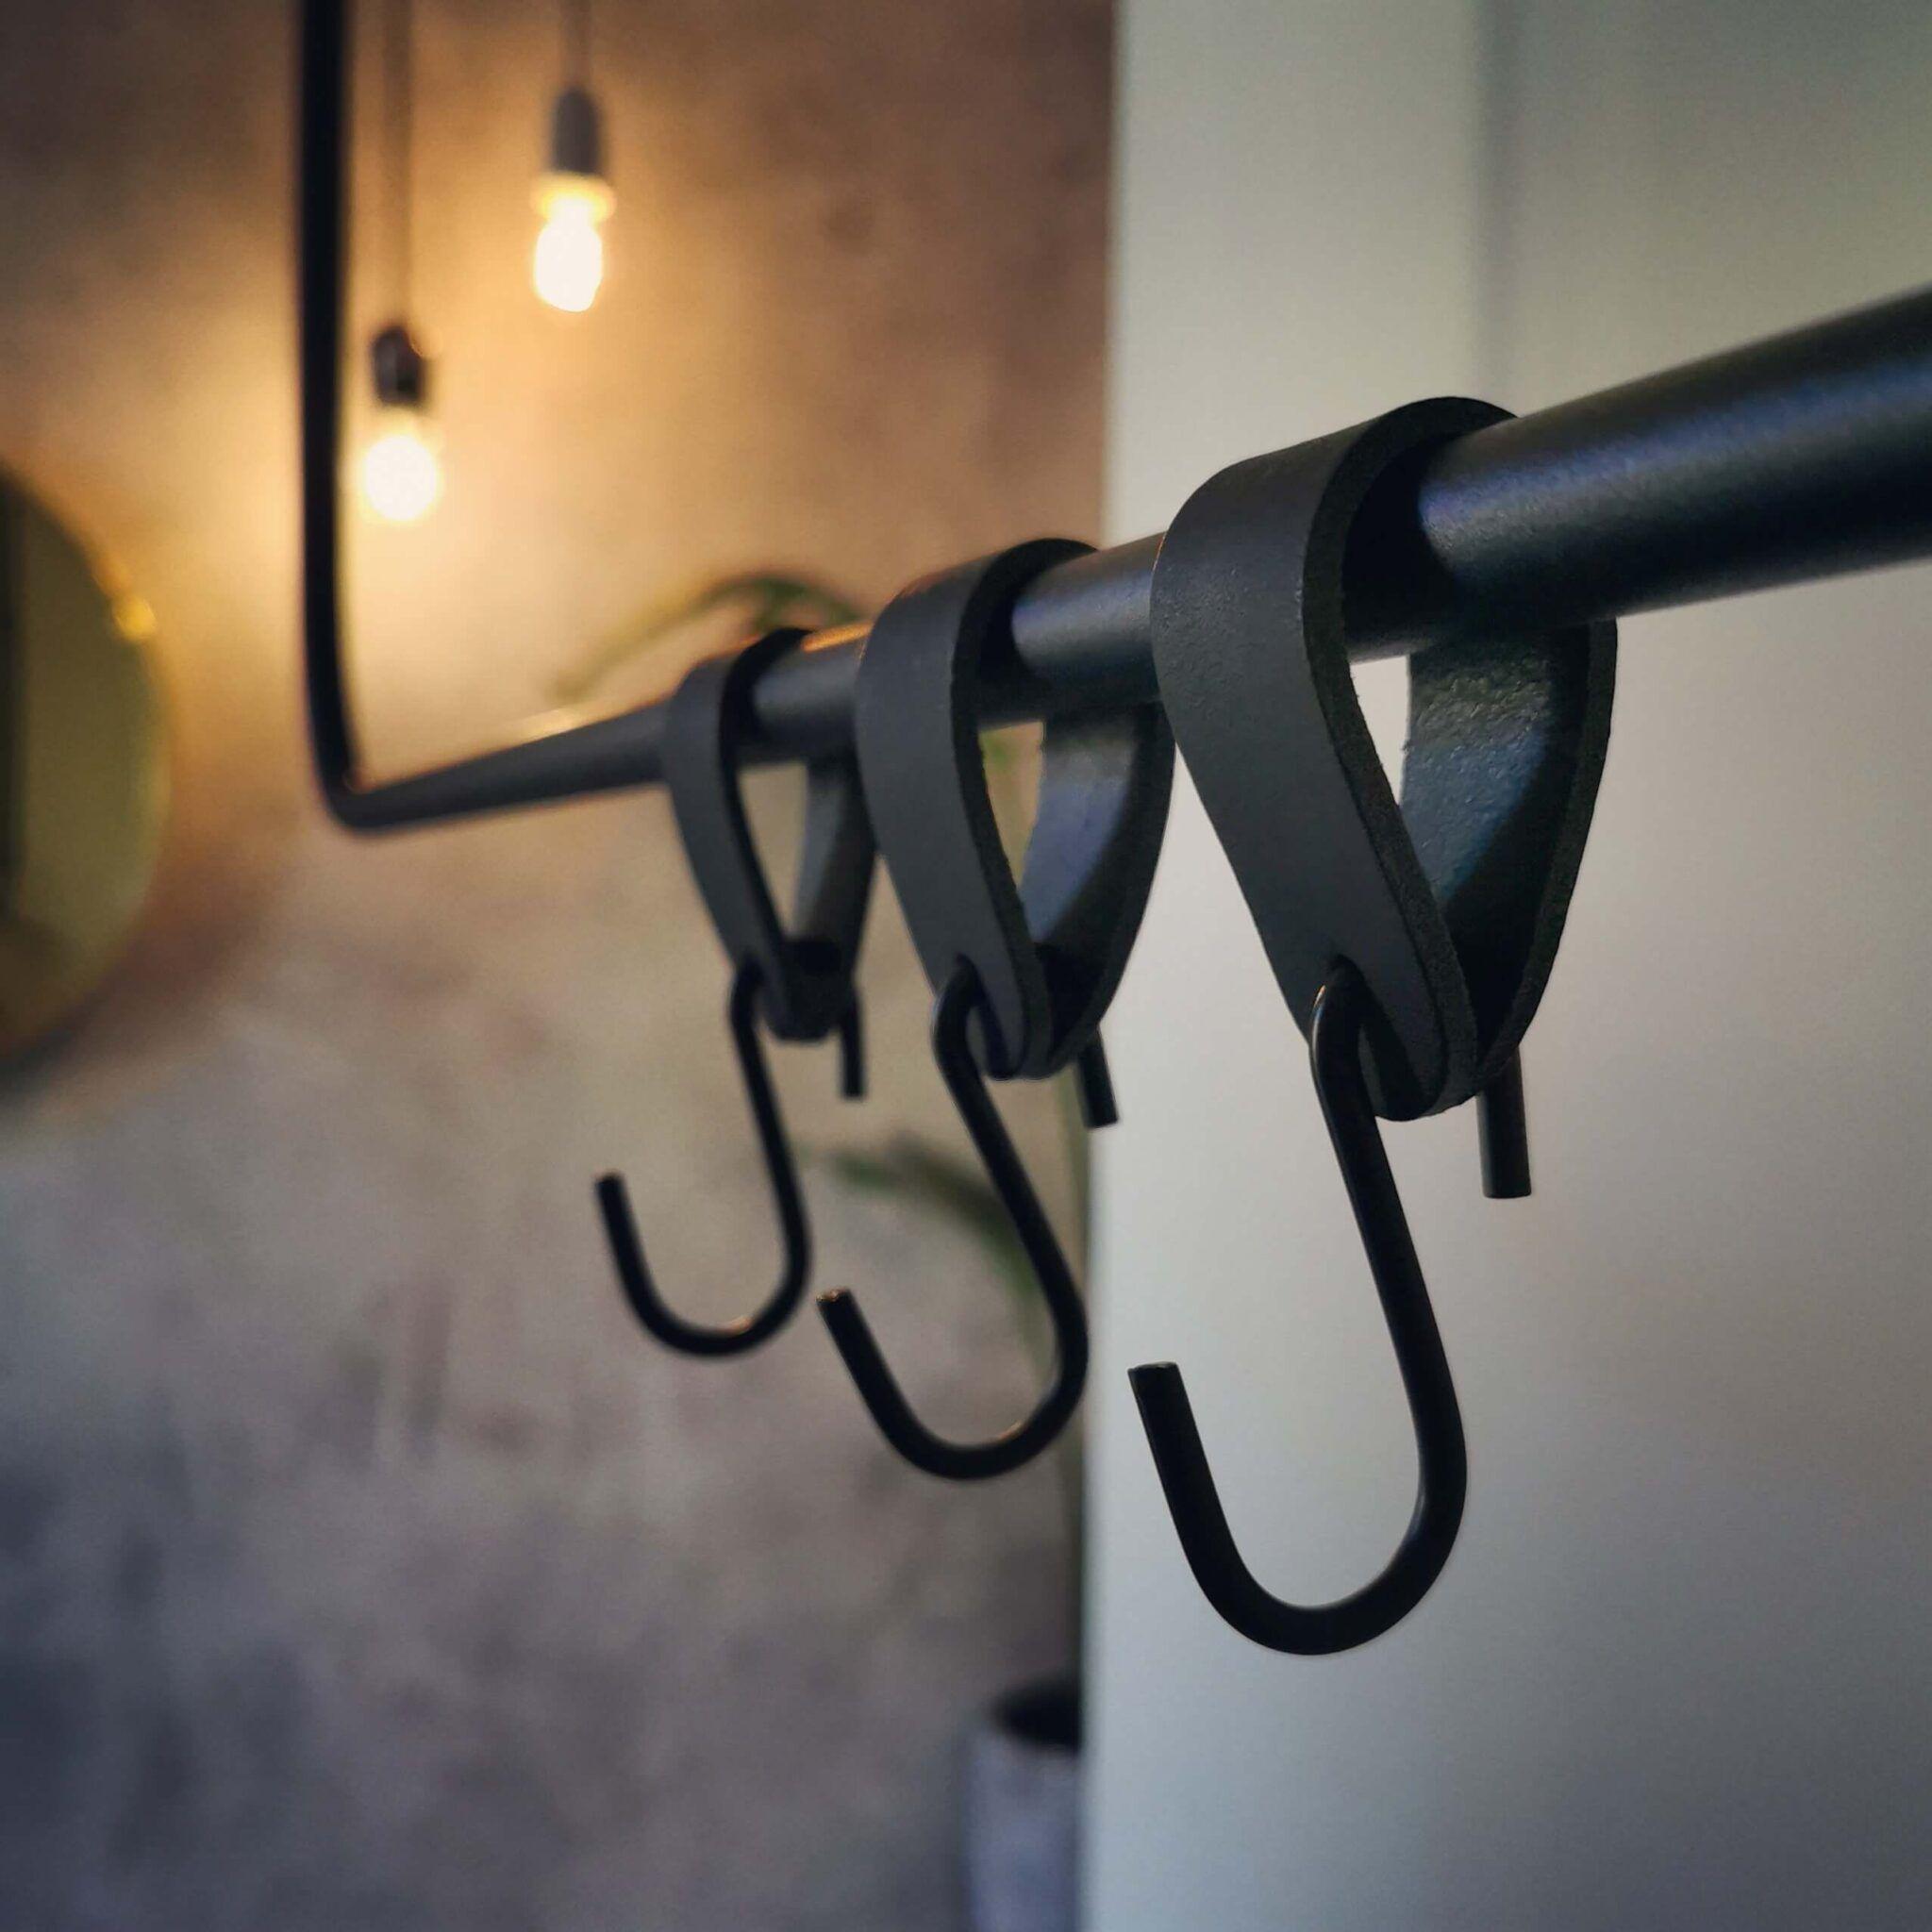 Leren S Haak Hangers Set Van 2 Handles And More Kapstok Halletje Inrichten Hanger